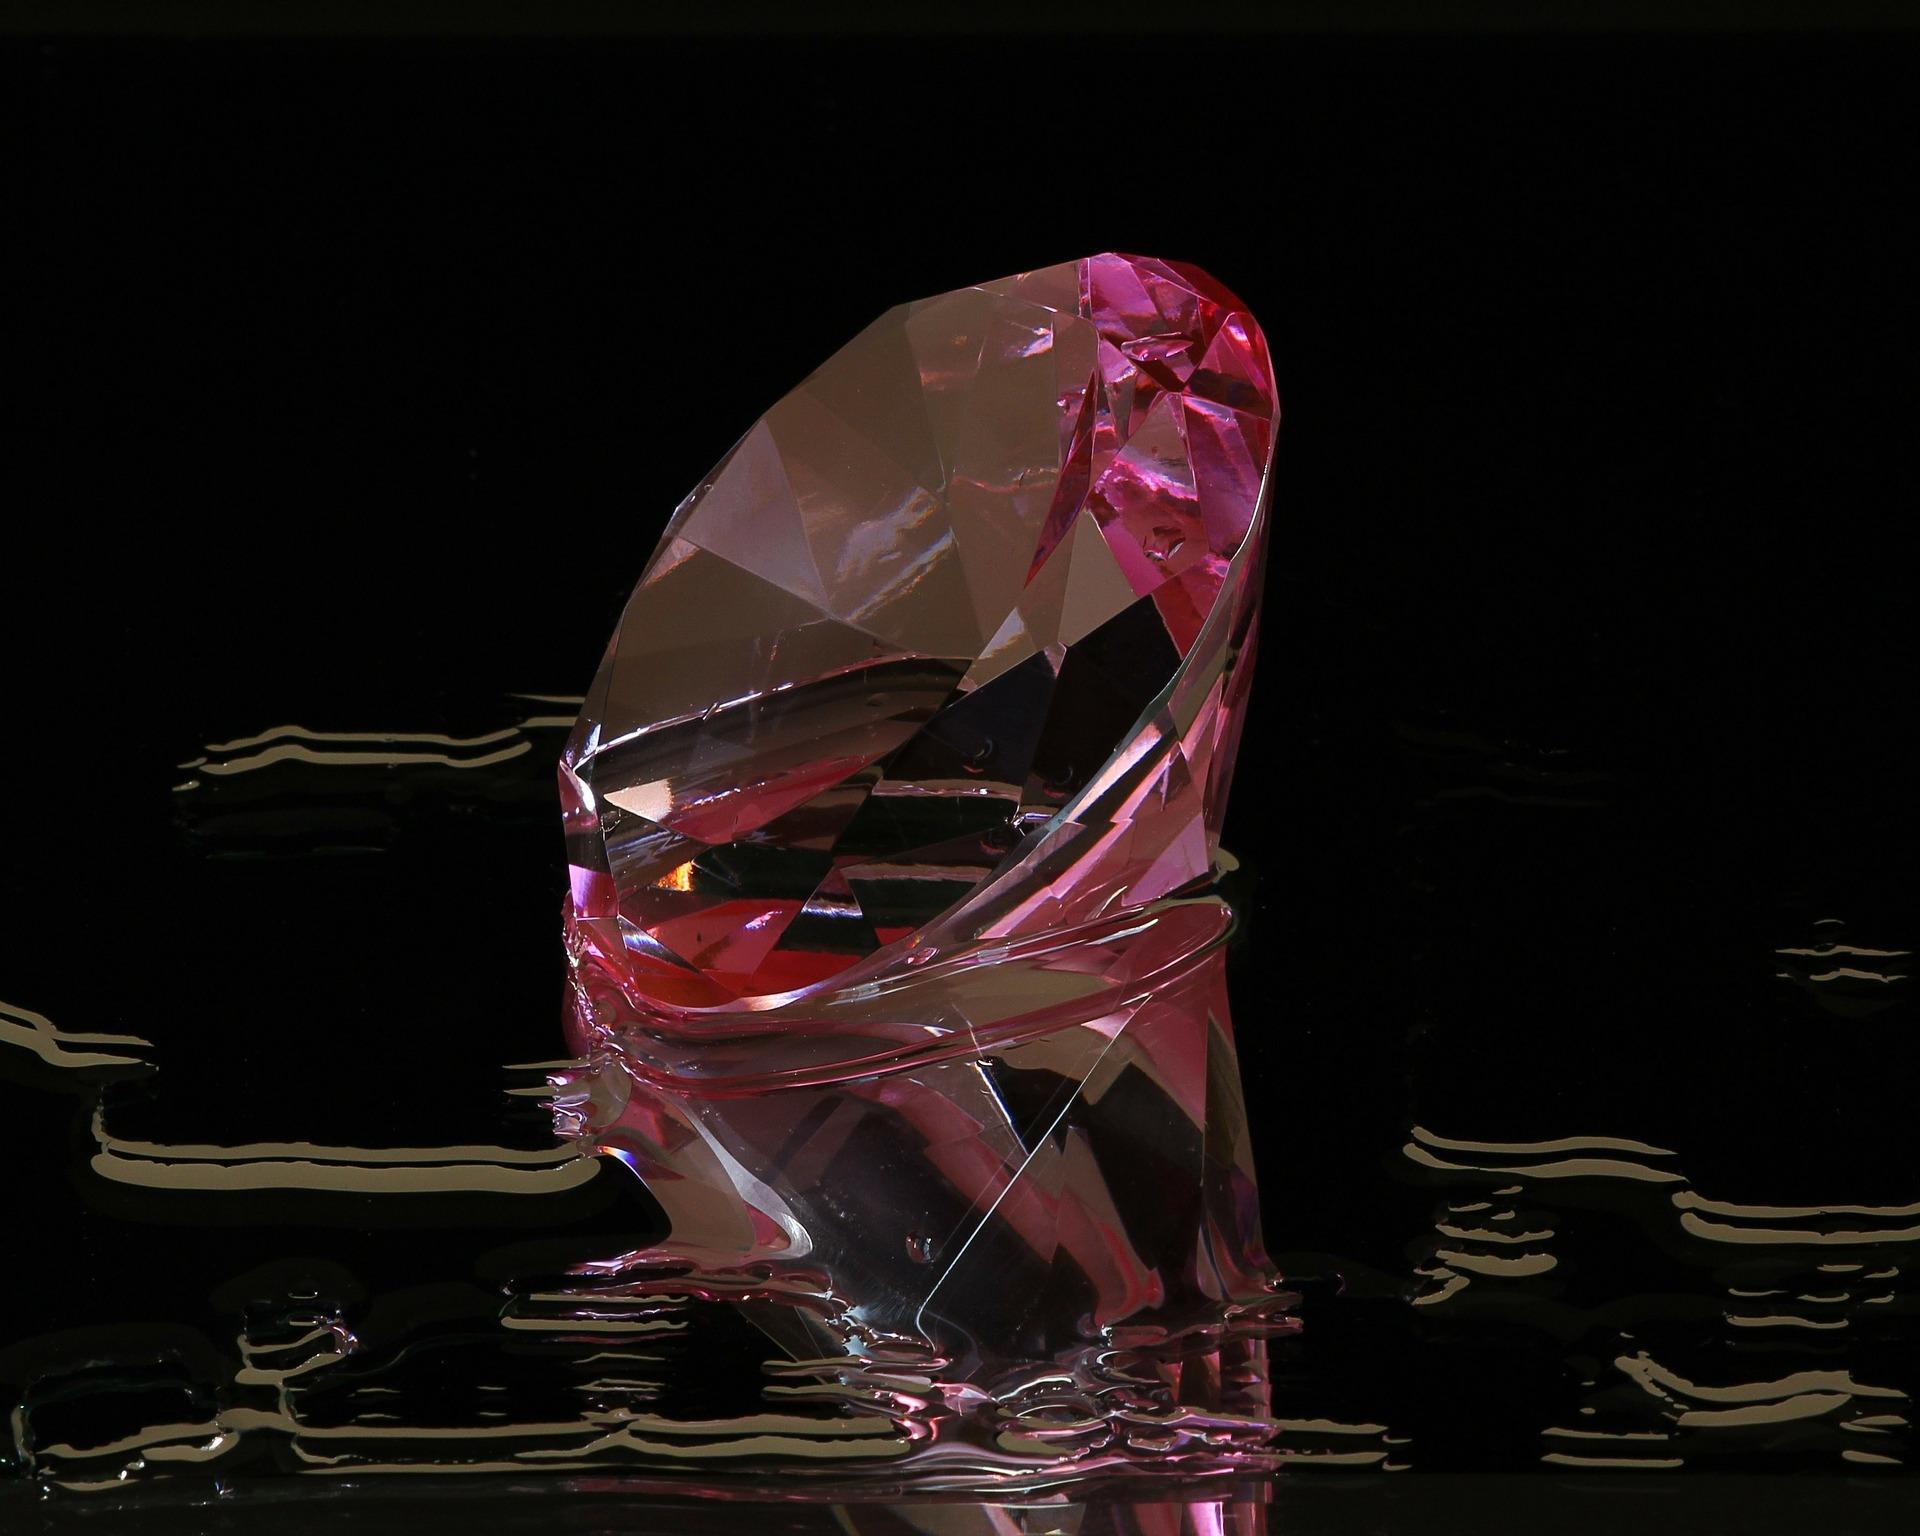 pink-diamond-82593_1920.jpg